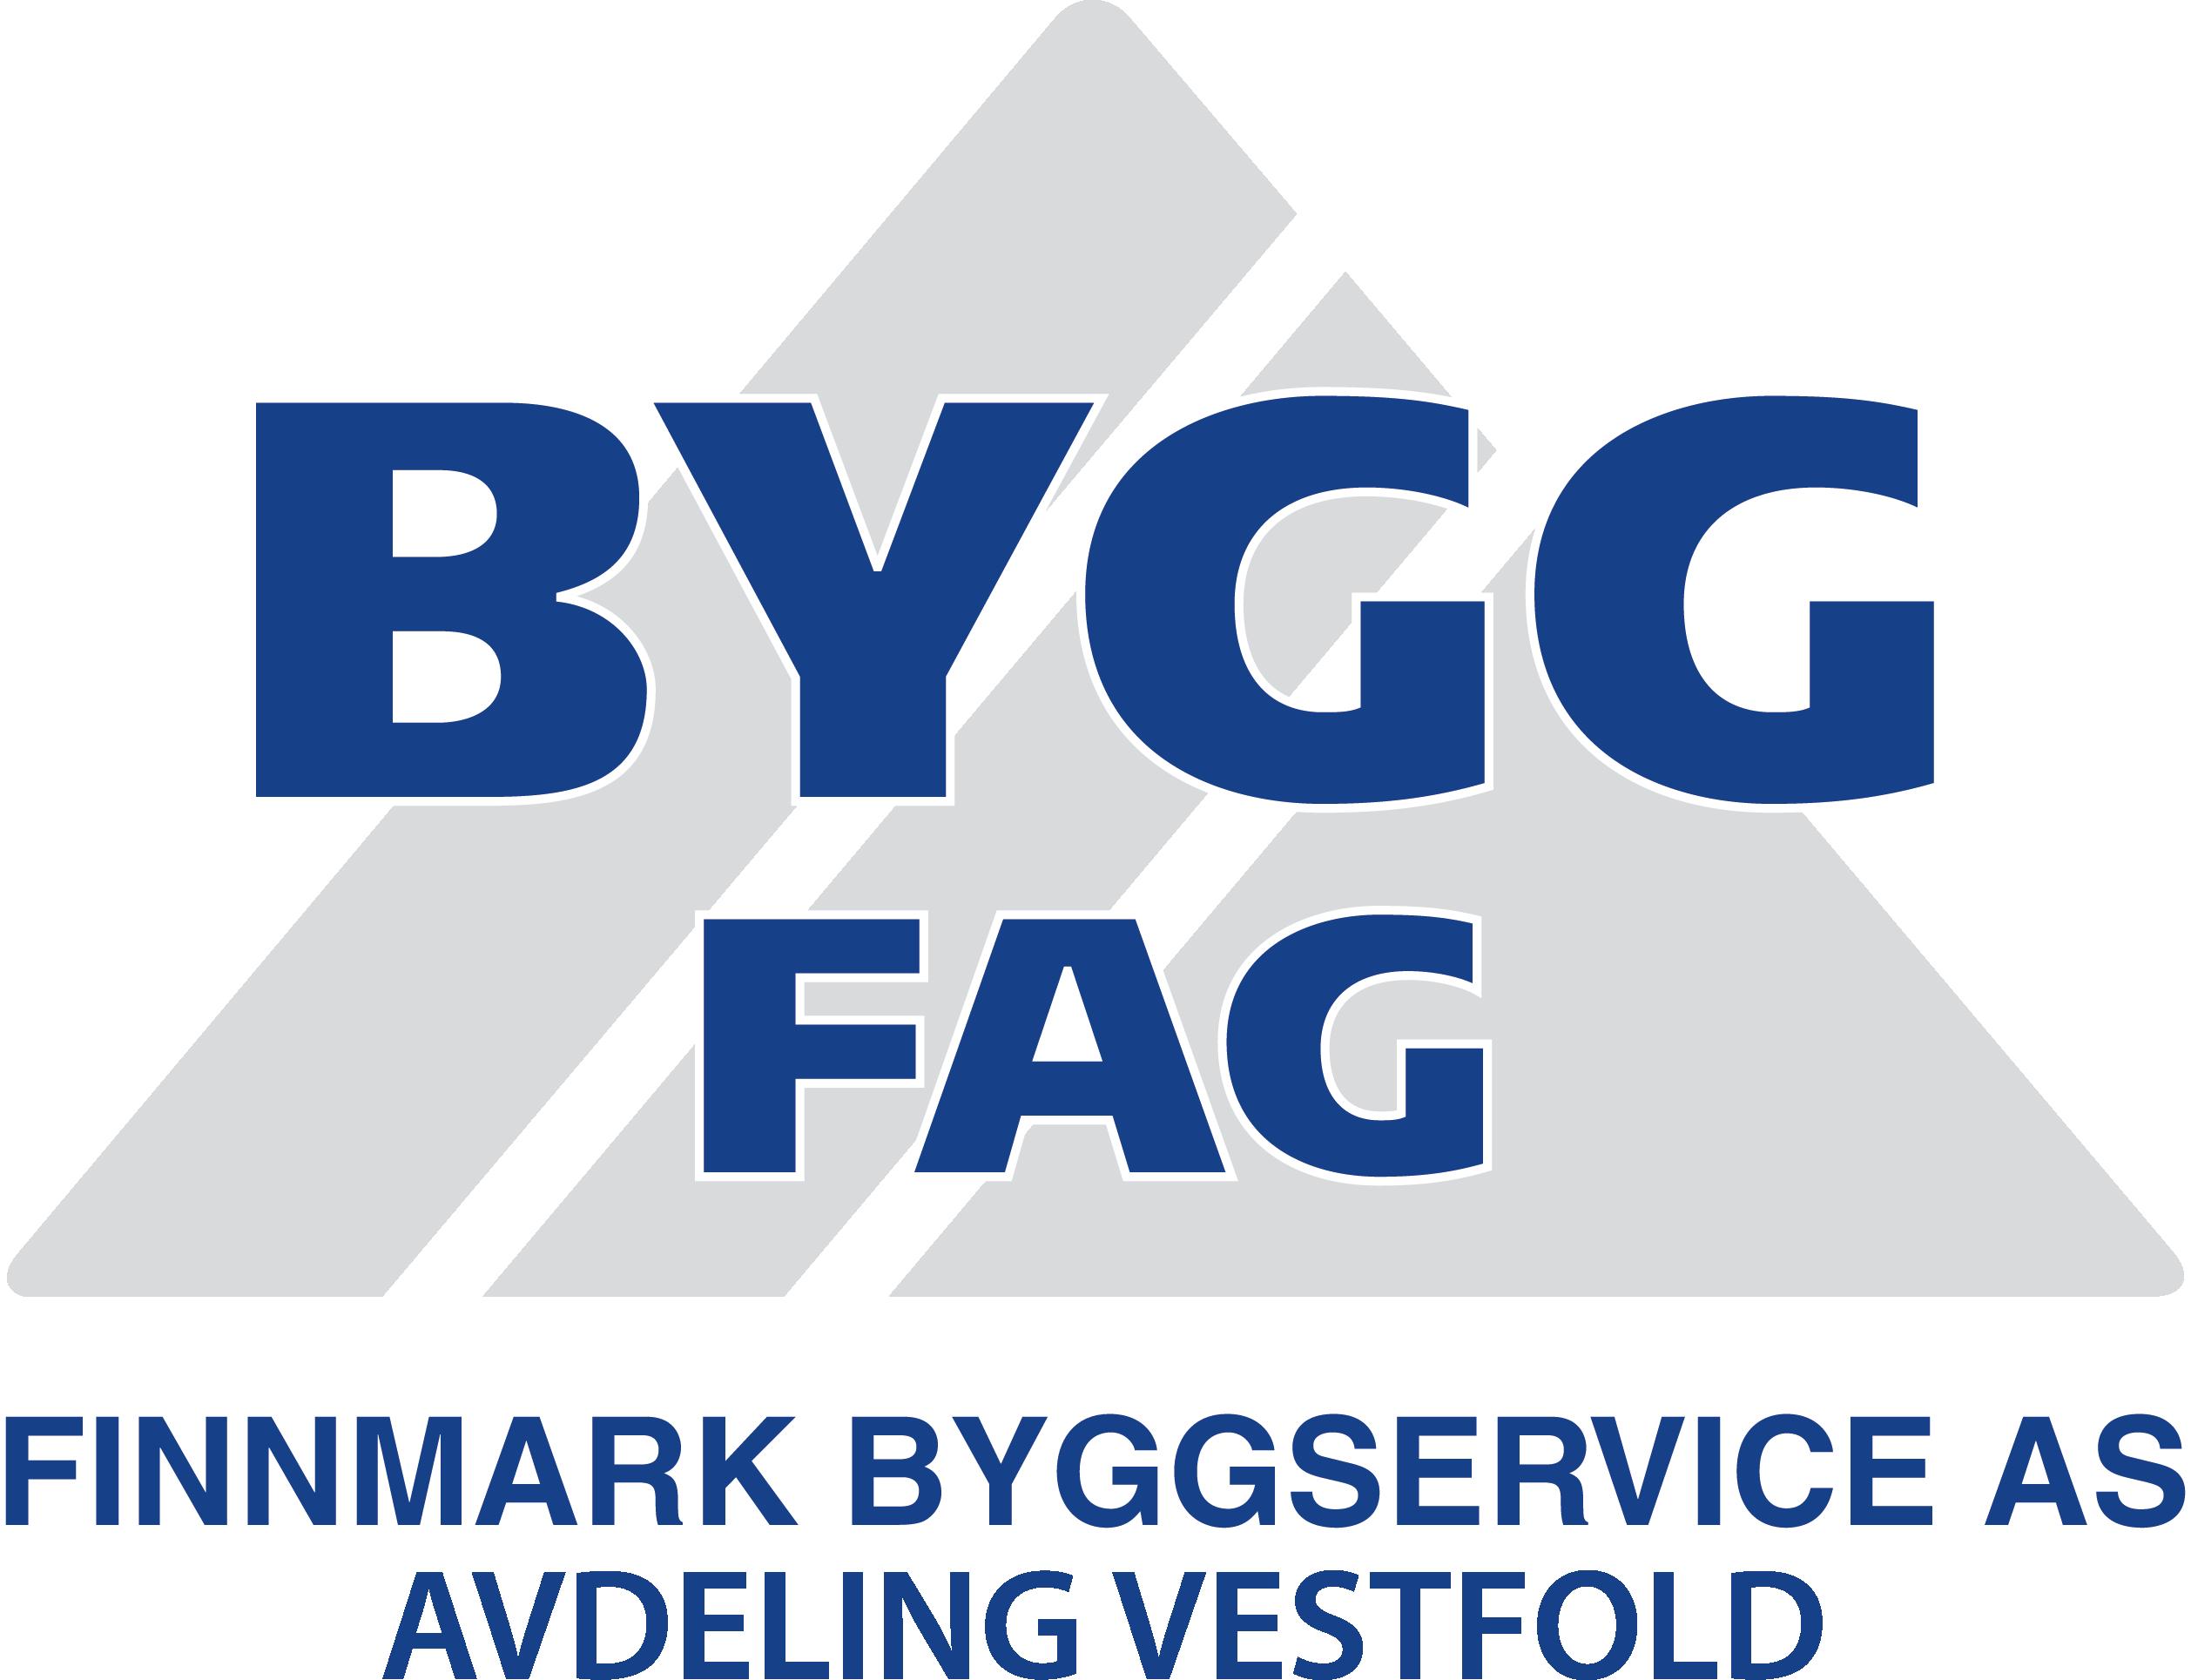 Bygg Fag logo finnmark byggservice as avdeling vestfold